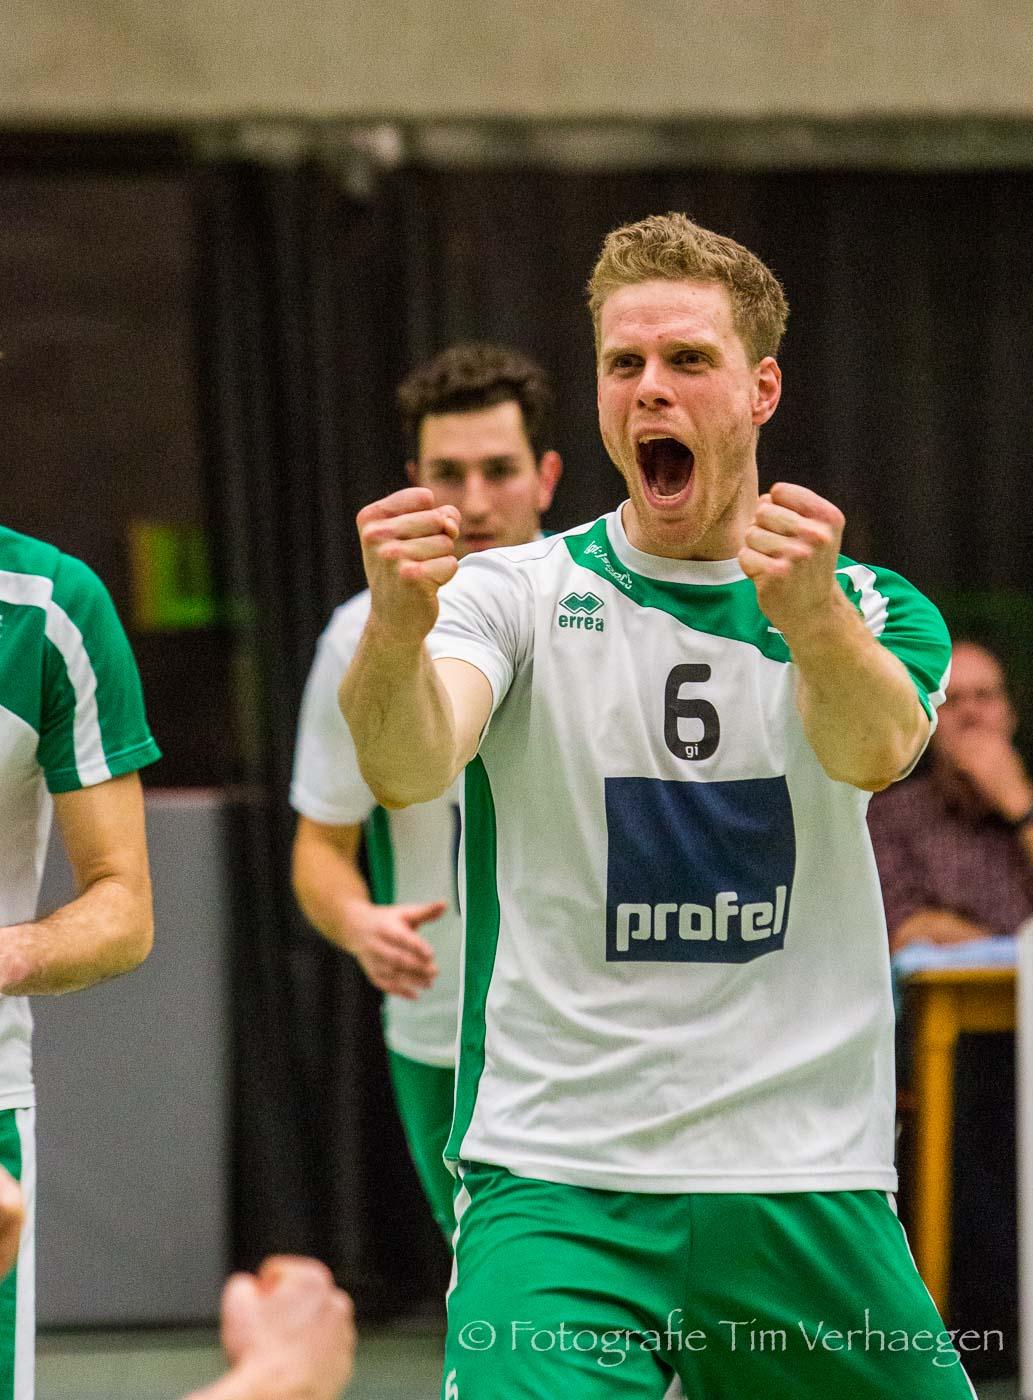 20170403: Wouter Verhees van Avoc Achel juicht na een punt tegen Duvel Puurs in liga B van het volleybal.